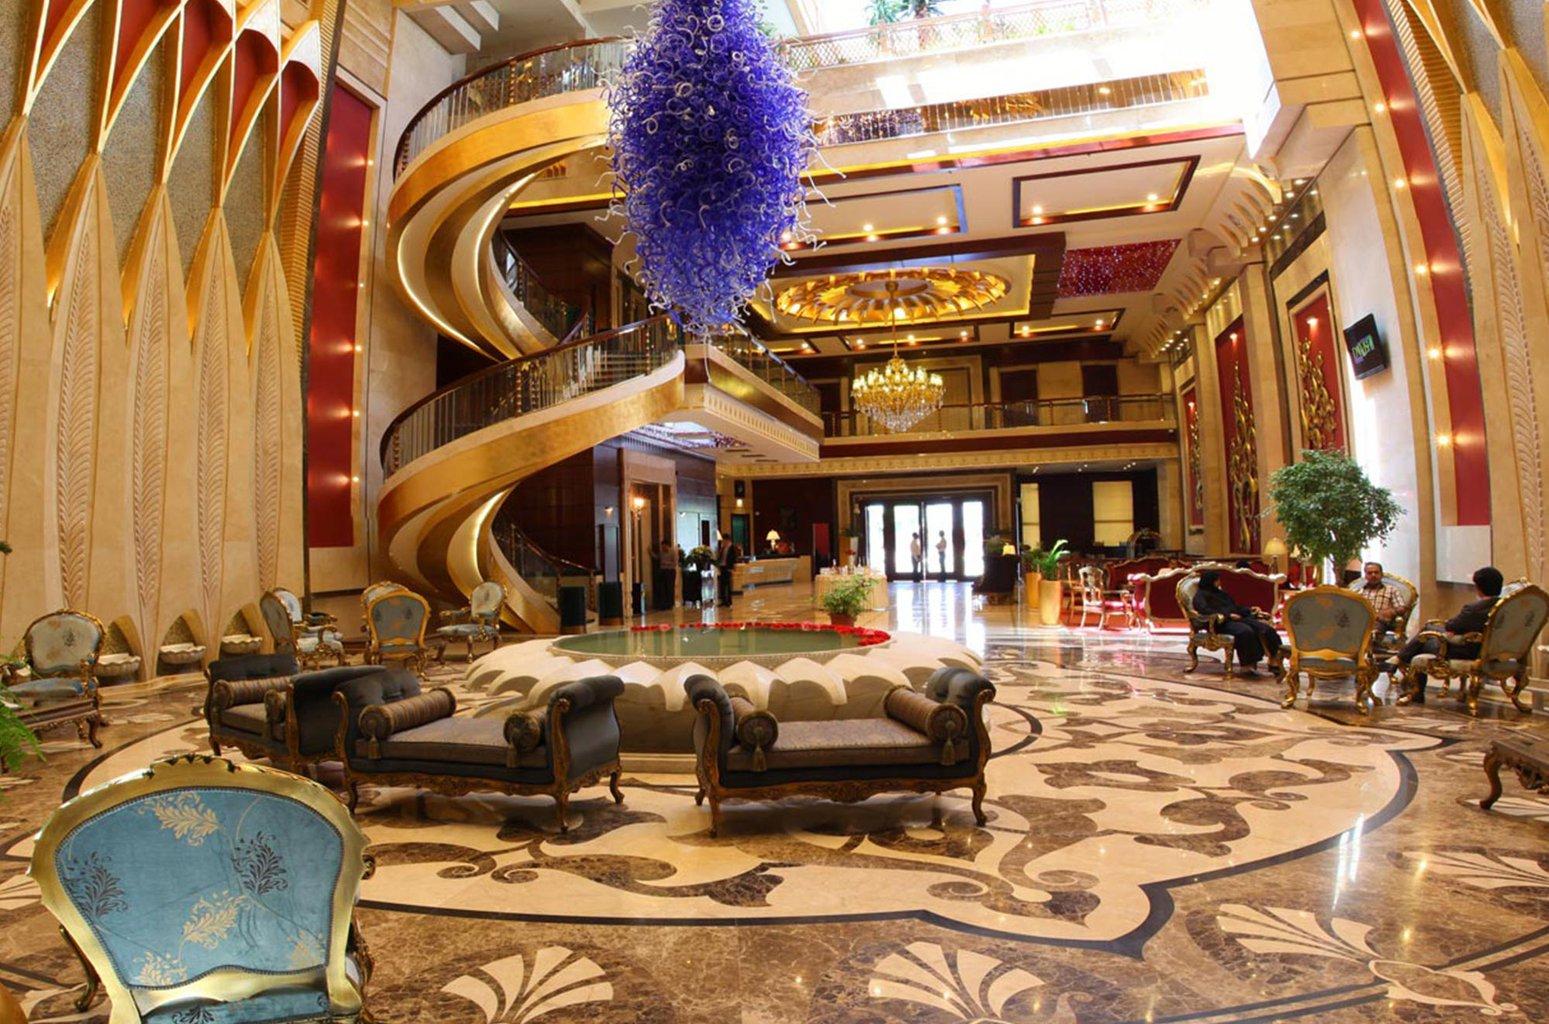 هتل درویشی مشهد - 12% تخفیف + پشتیبانی 24 ساعته | علی بابا